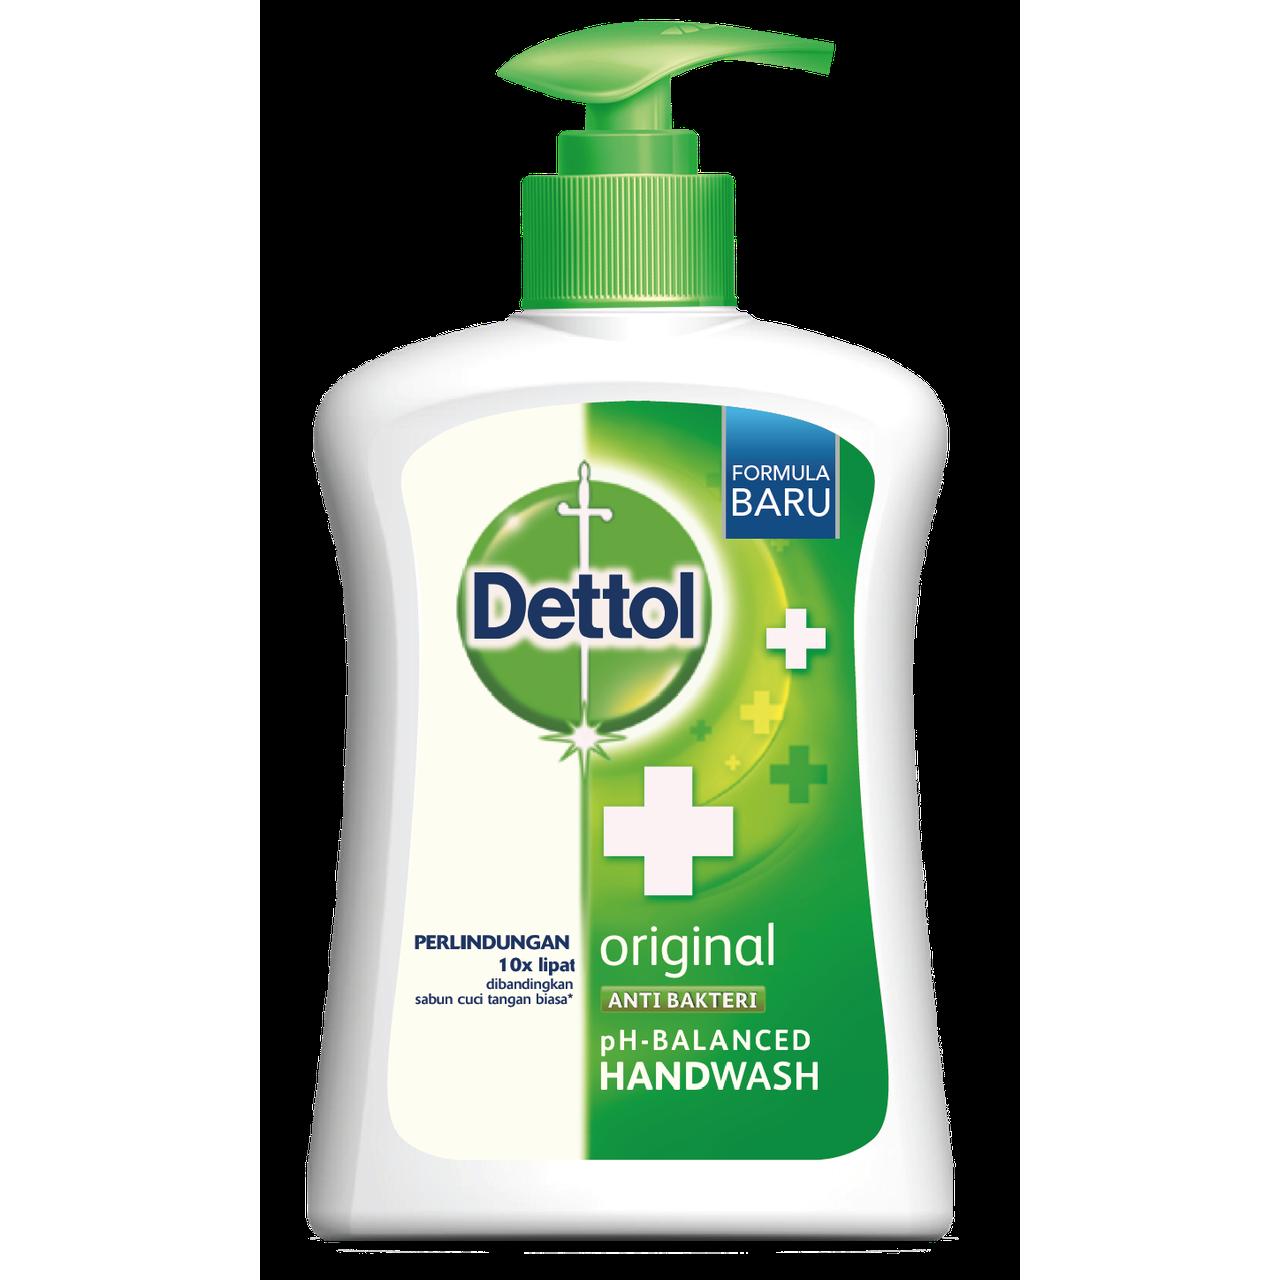 Dettol Anti Bacterial Original Handwash Dettol Original Handwash